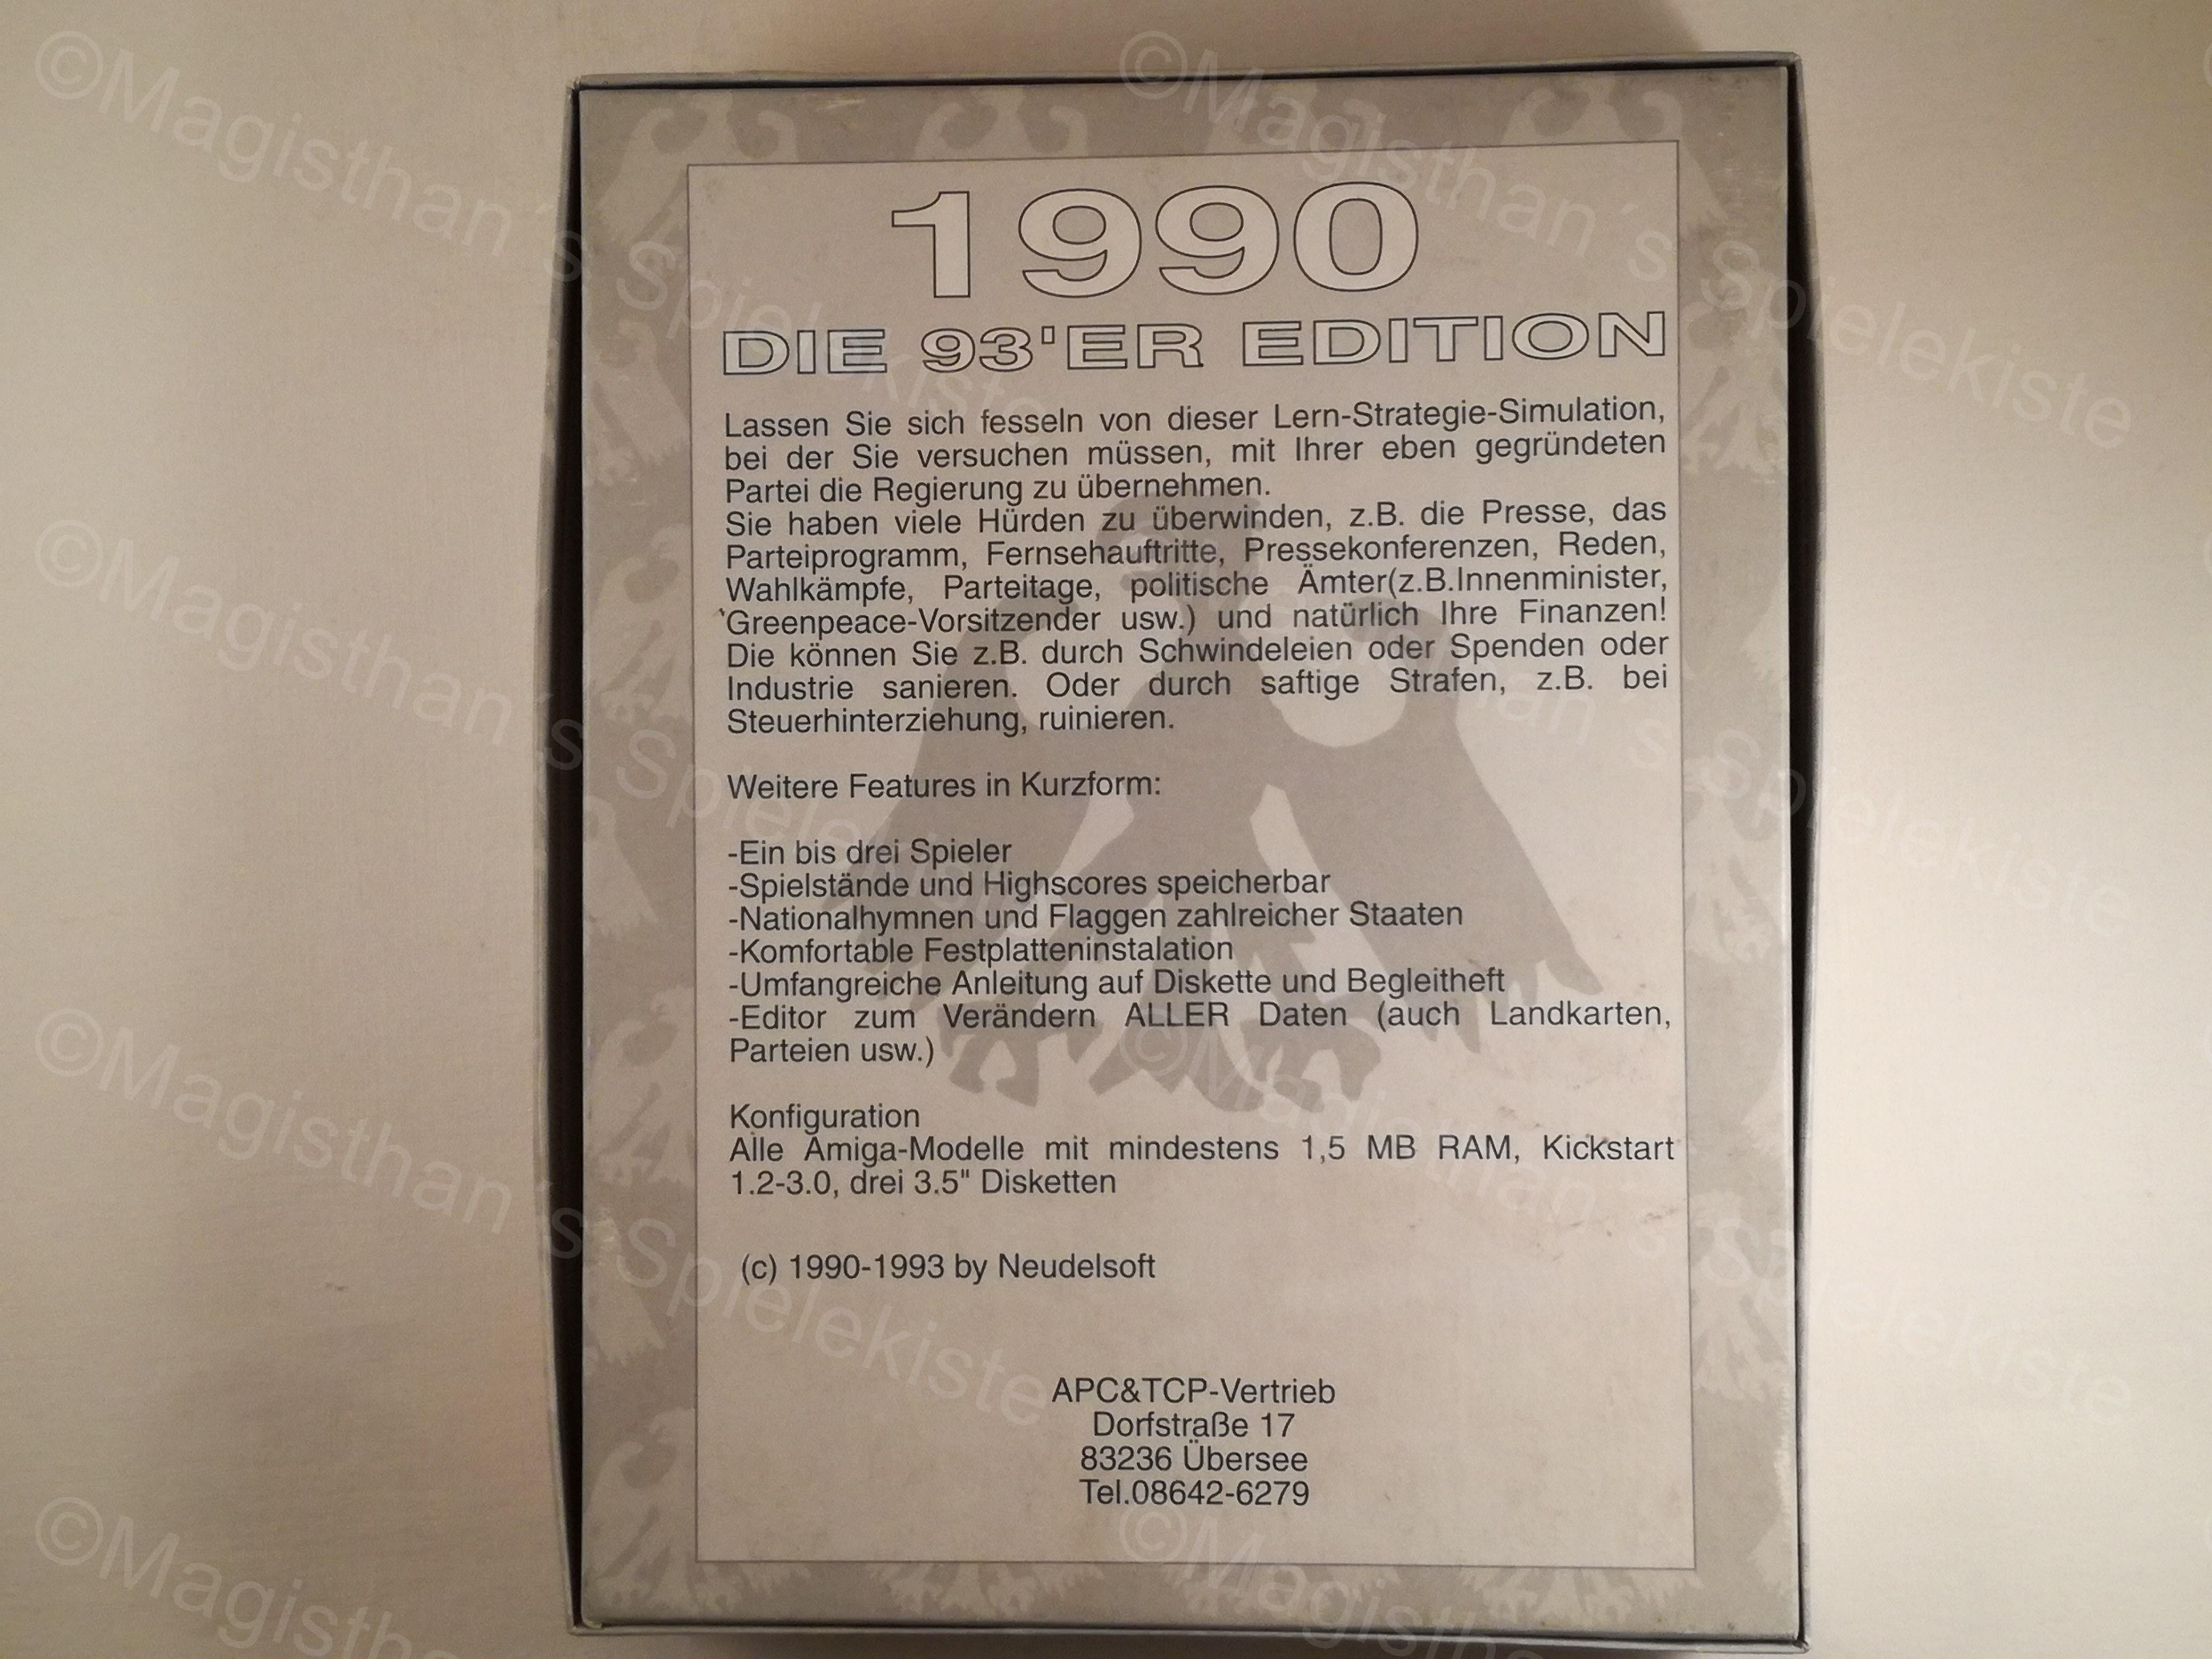 1990Die93Edition1_back.jpg